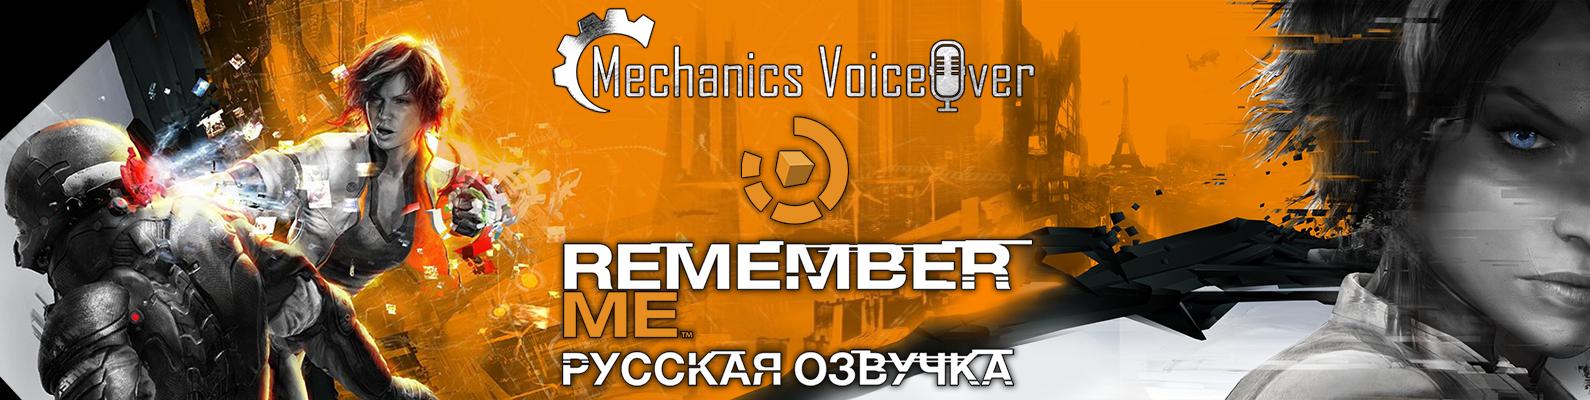 Вышла русская озвучка для Remember Me